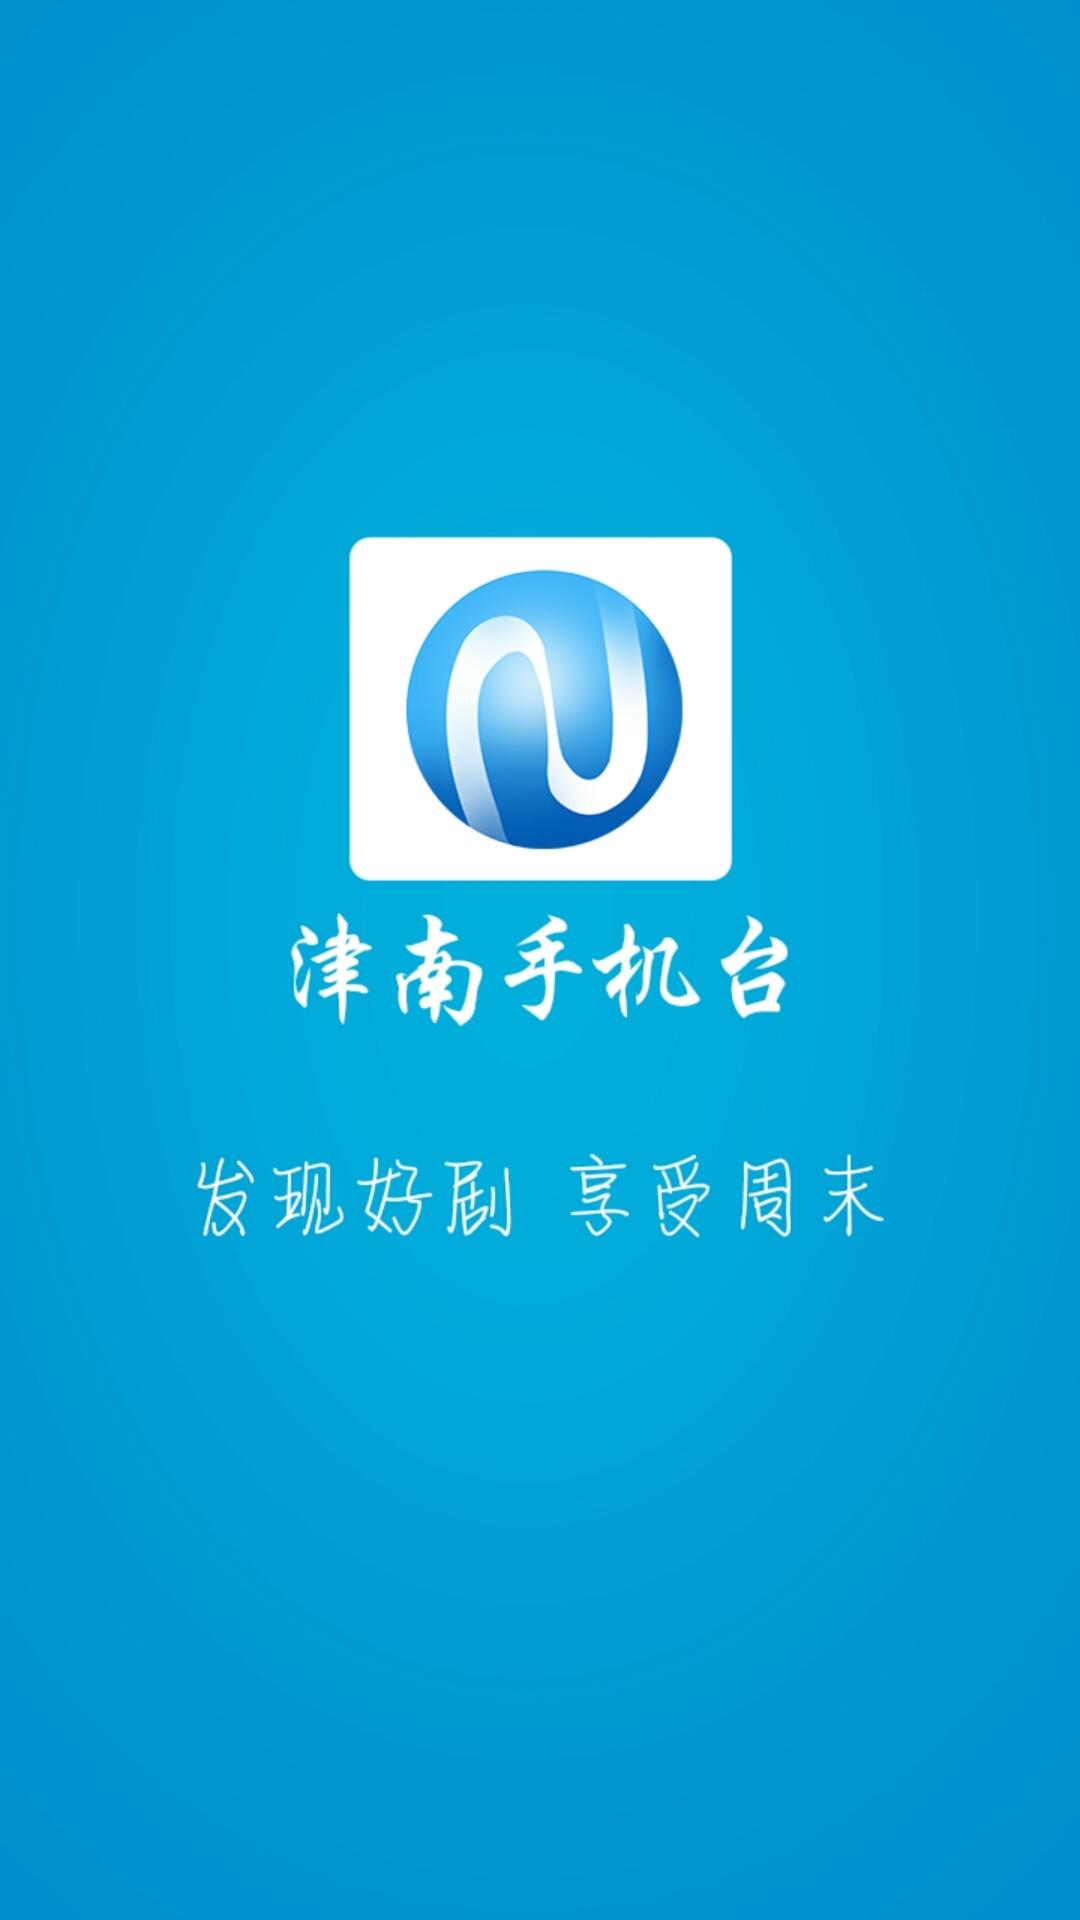 津南手机台